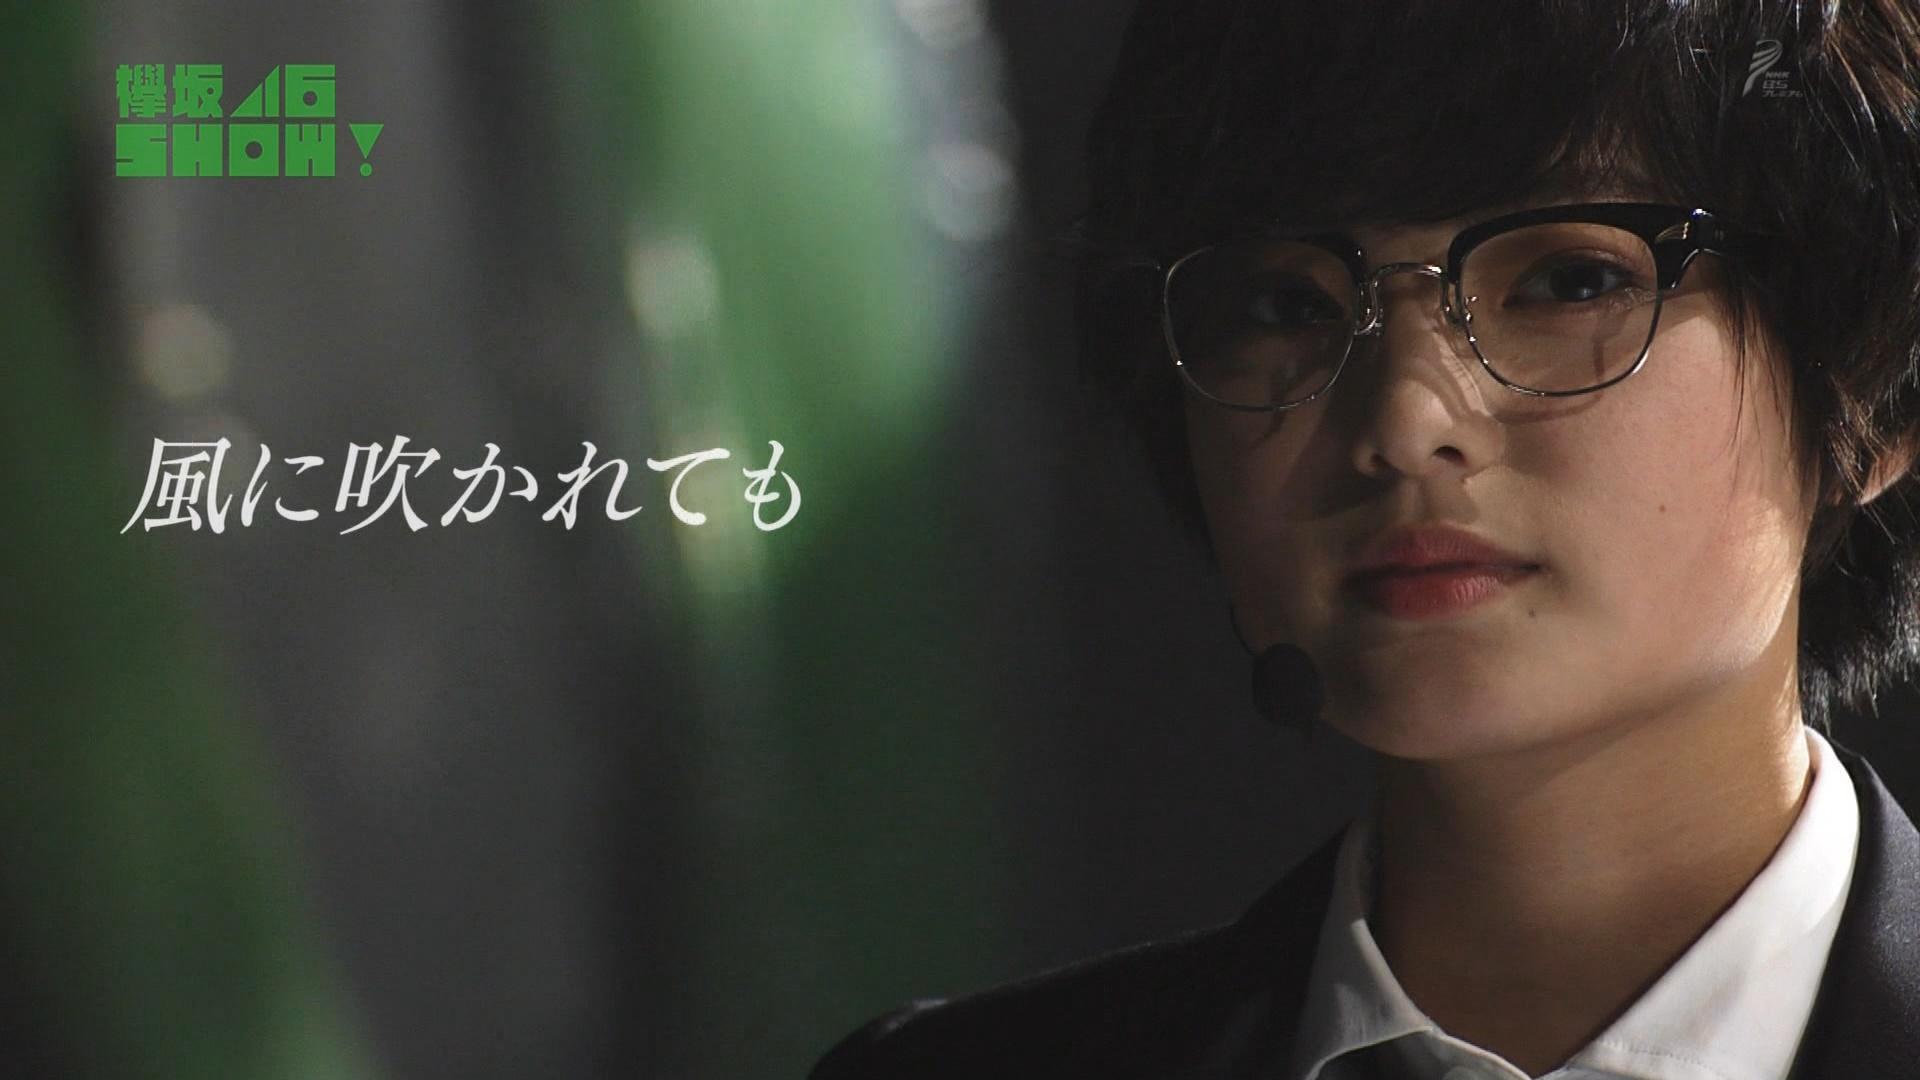 ★【欅坂46】平手友梨奈がほぼさかなクンさんみたいな顔になってるね 地下売上議論21913★ YouTube動画>7本 ->画像>329枚